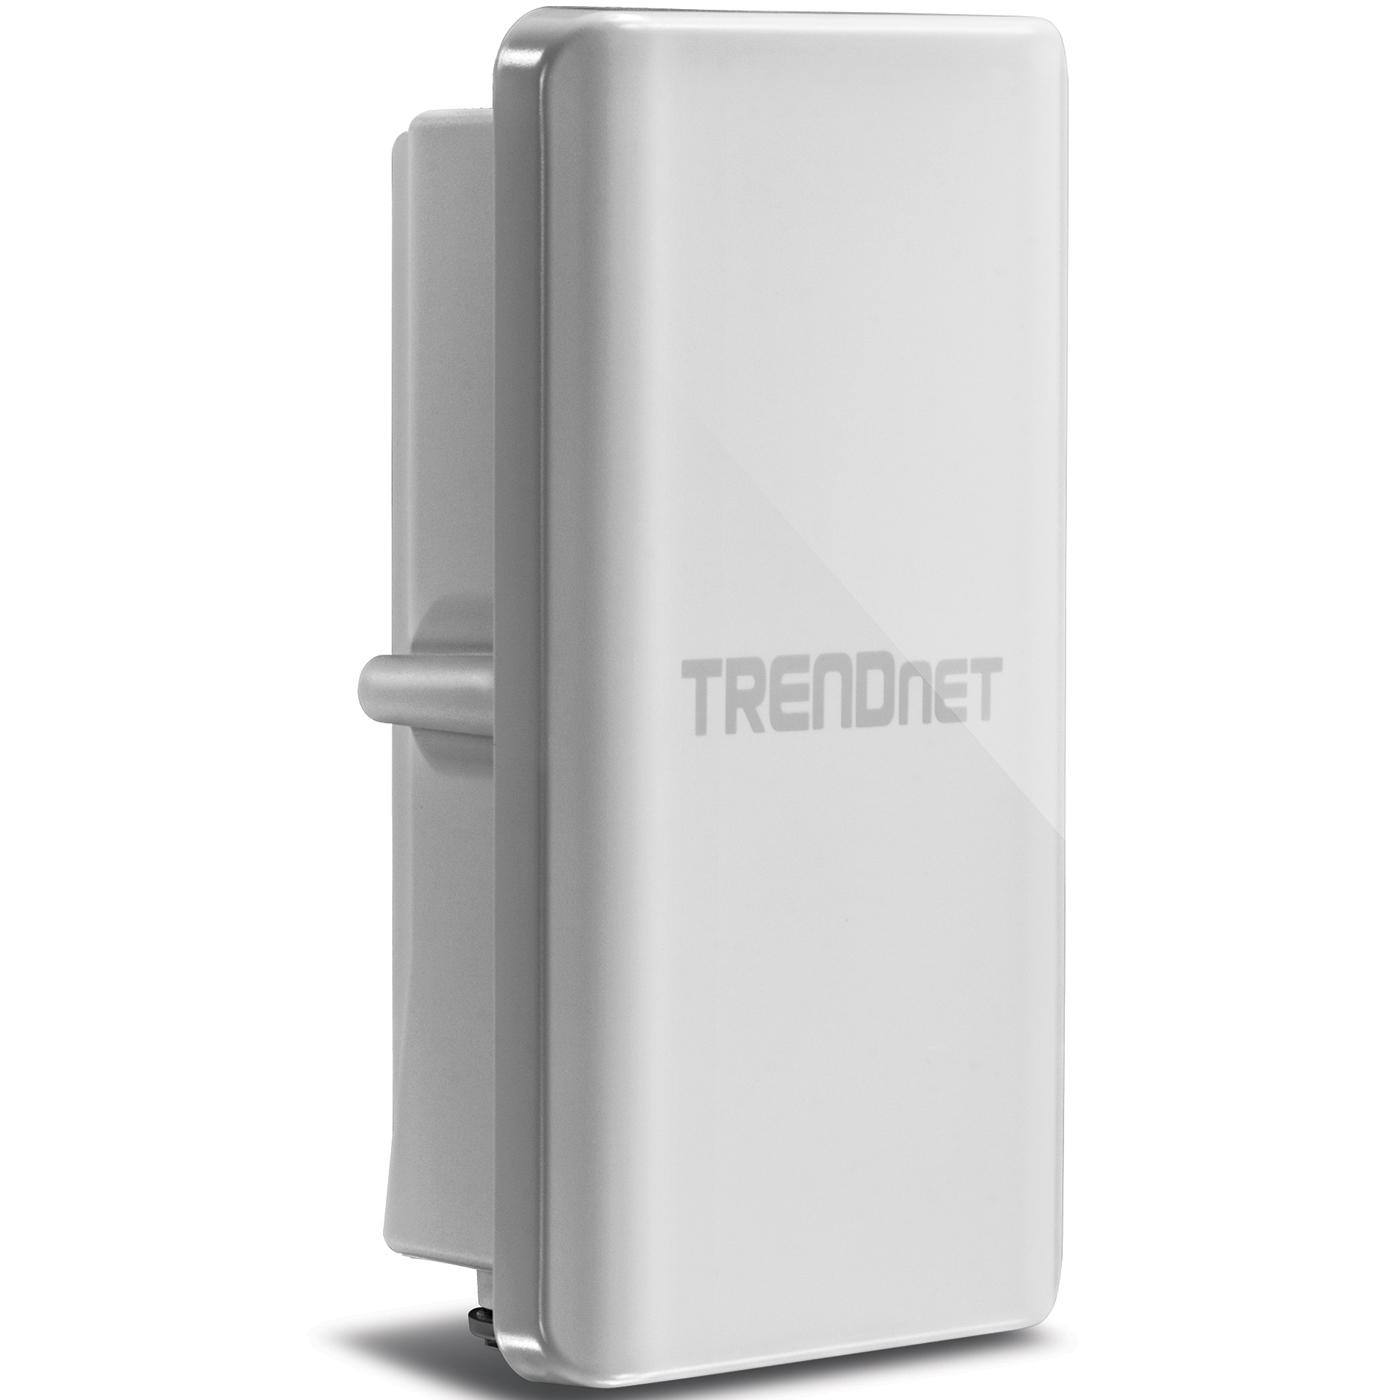 Trendnet tew 738apbo point d 39 acc s wifi trendnet sur for Point d acces wifi exterieur